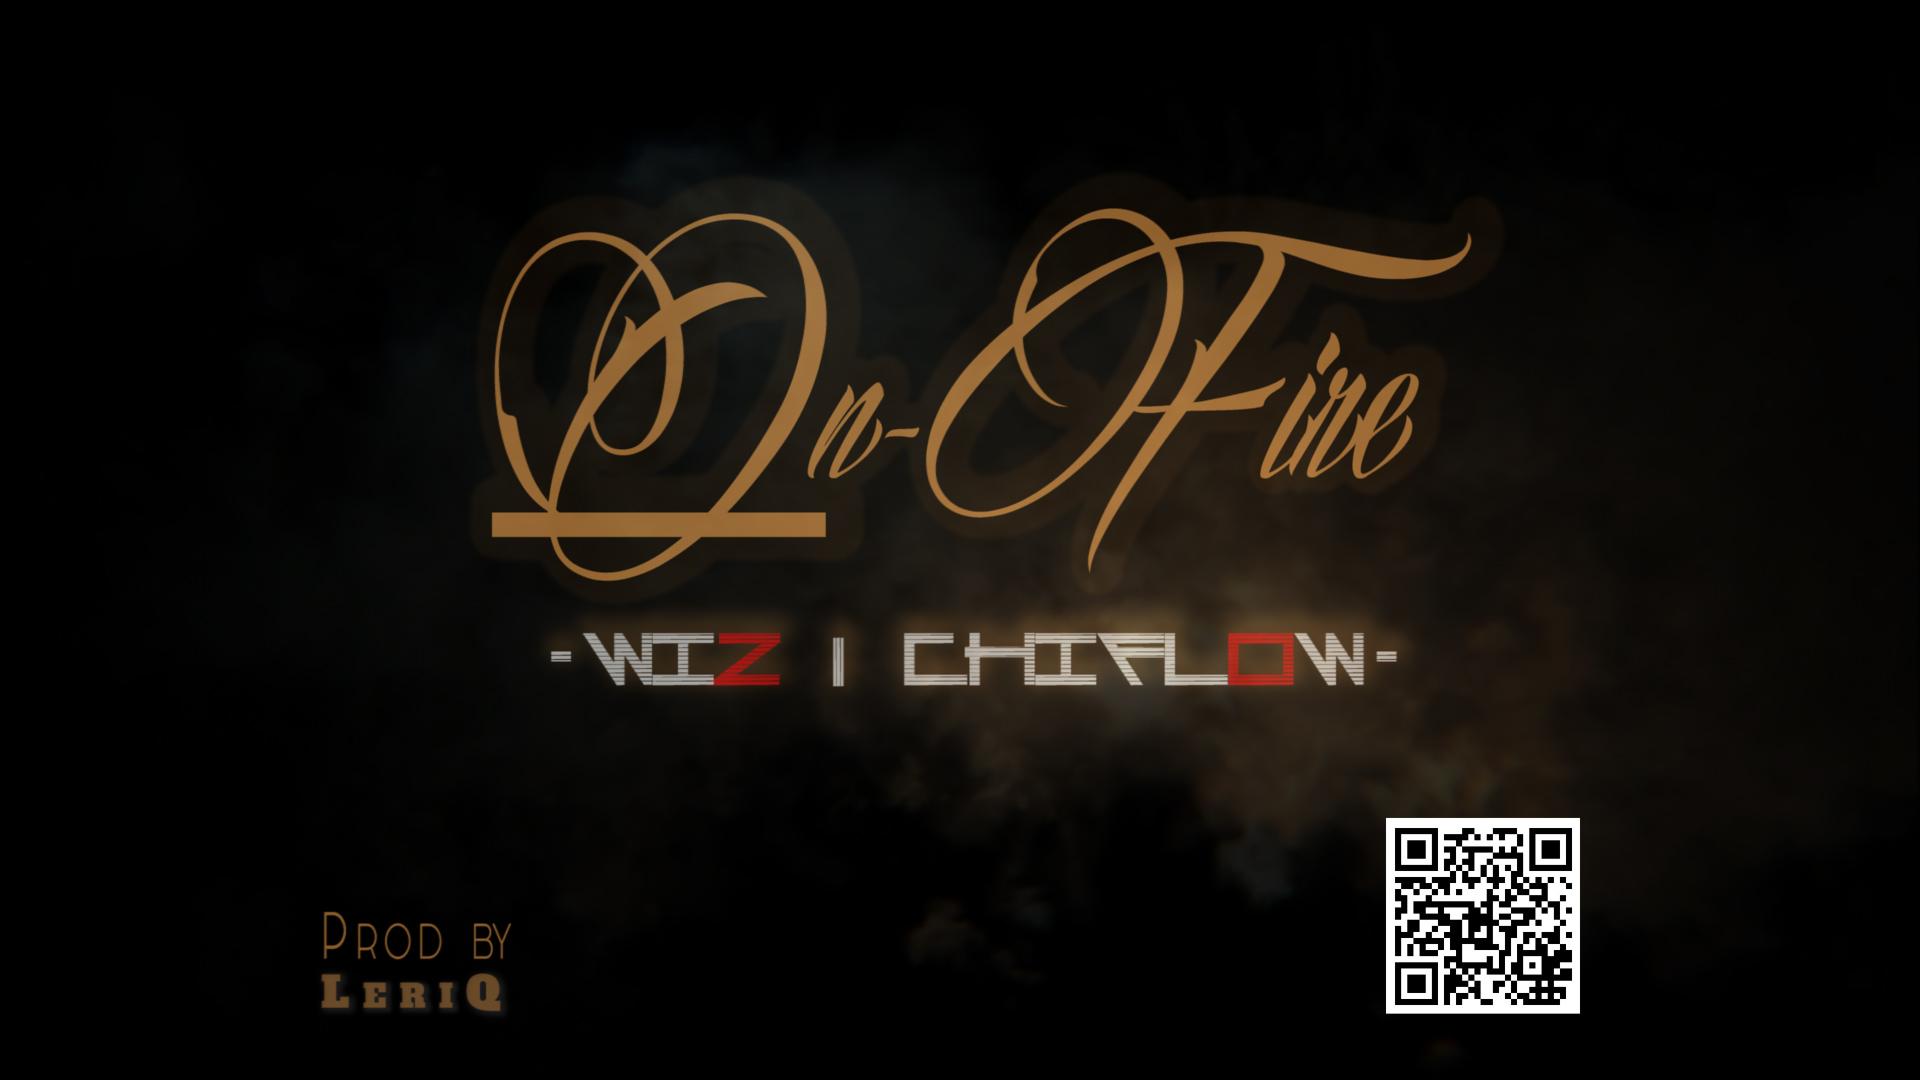 Wizdom X Chiflow - On Fire (Prod. by LeriQ)